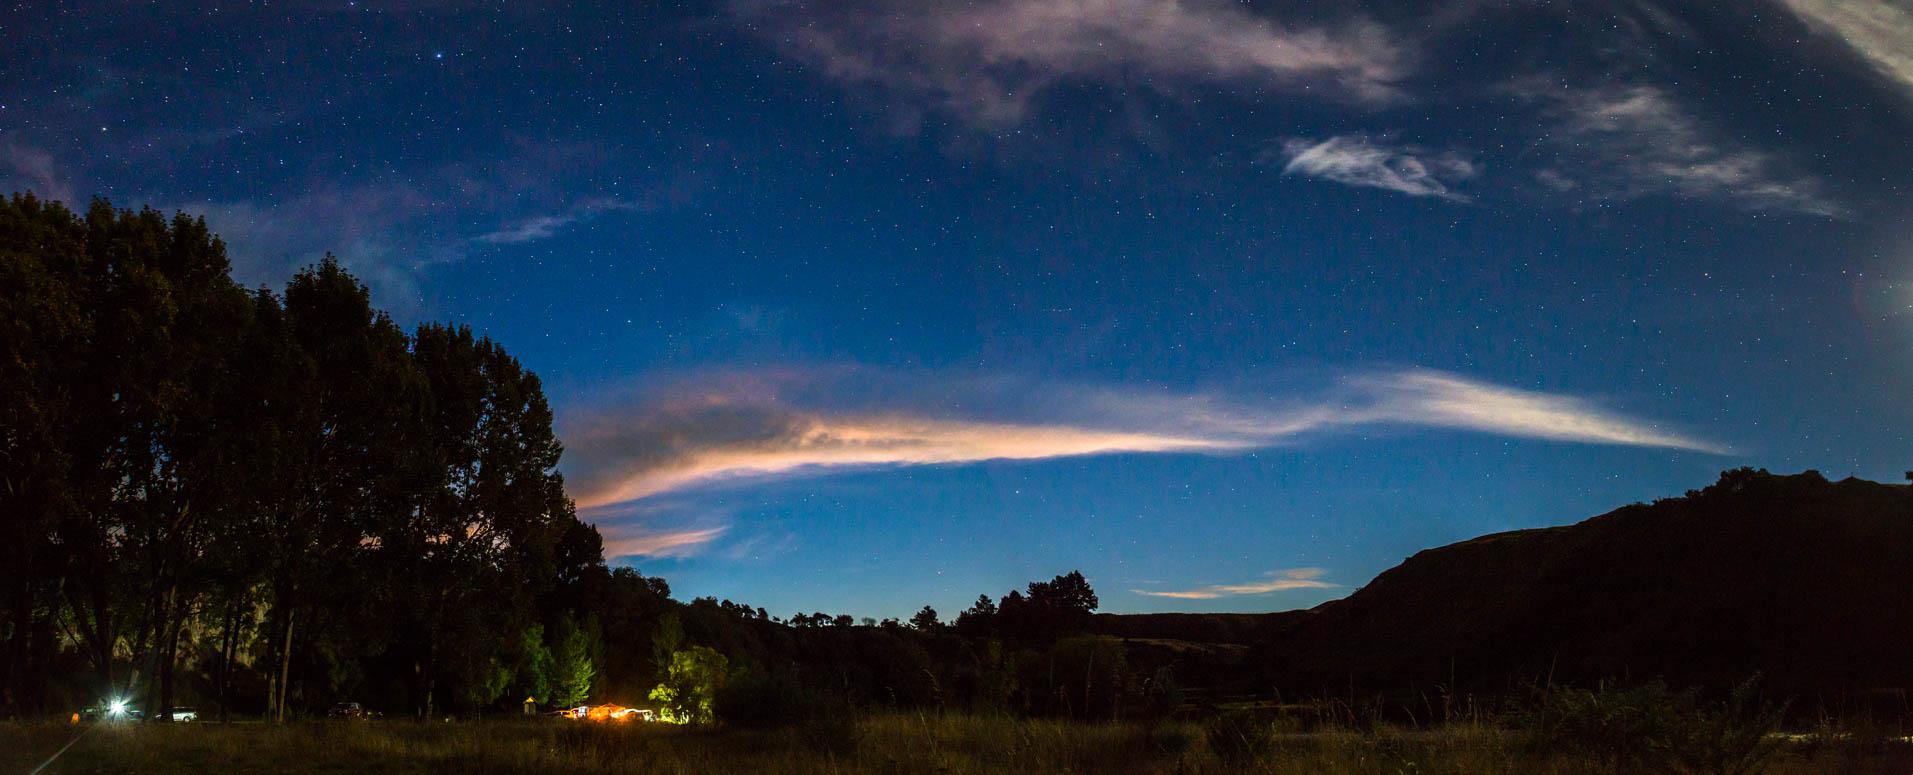 Der Nachthimmel ergänzte sich wunderbar mit dem Setting der umliegenden Hügel